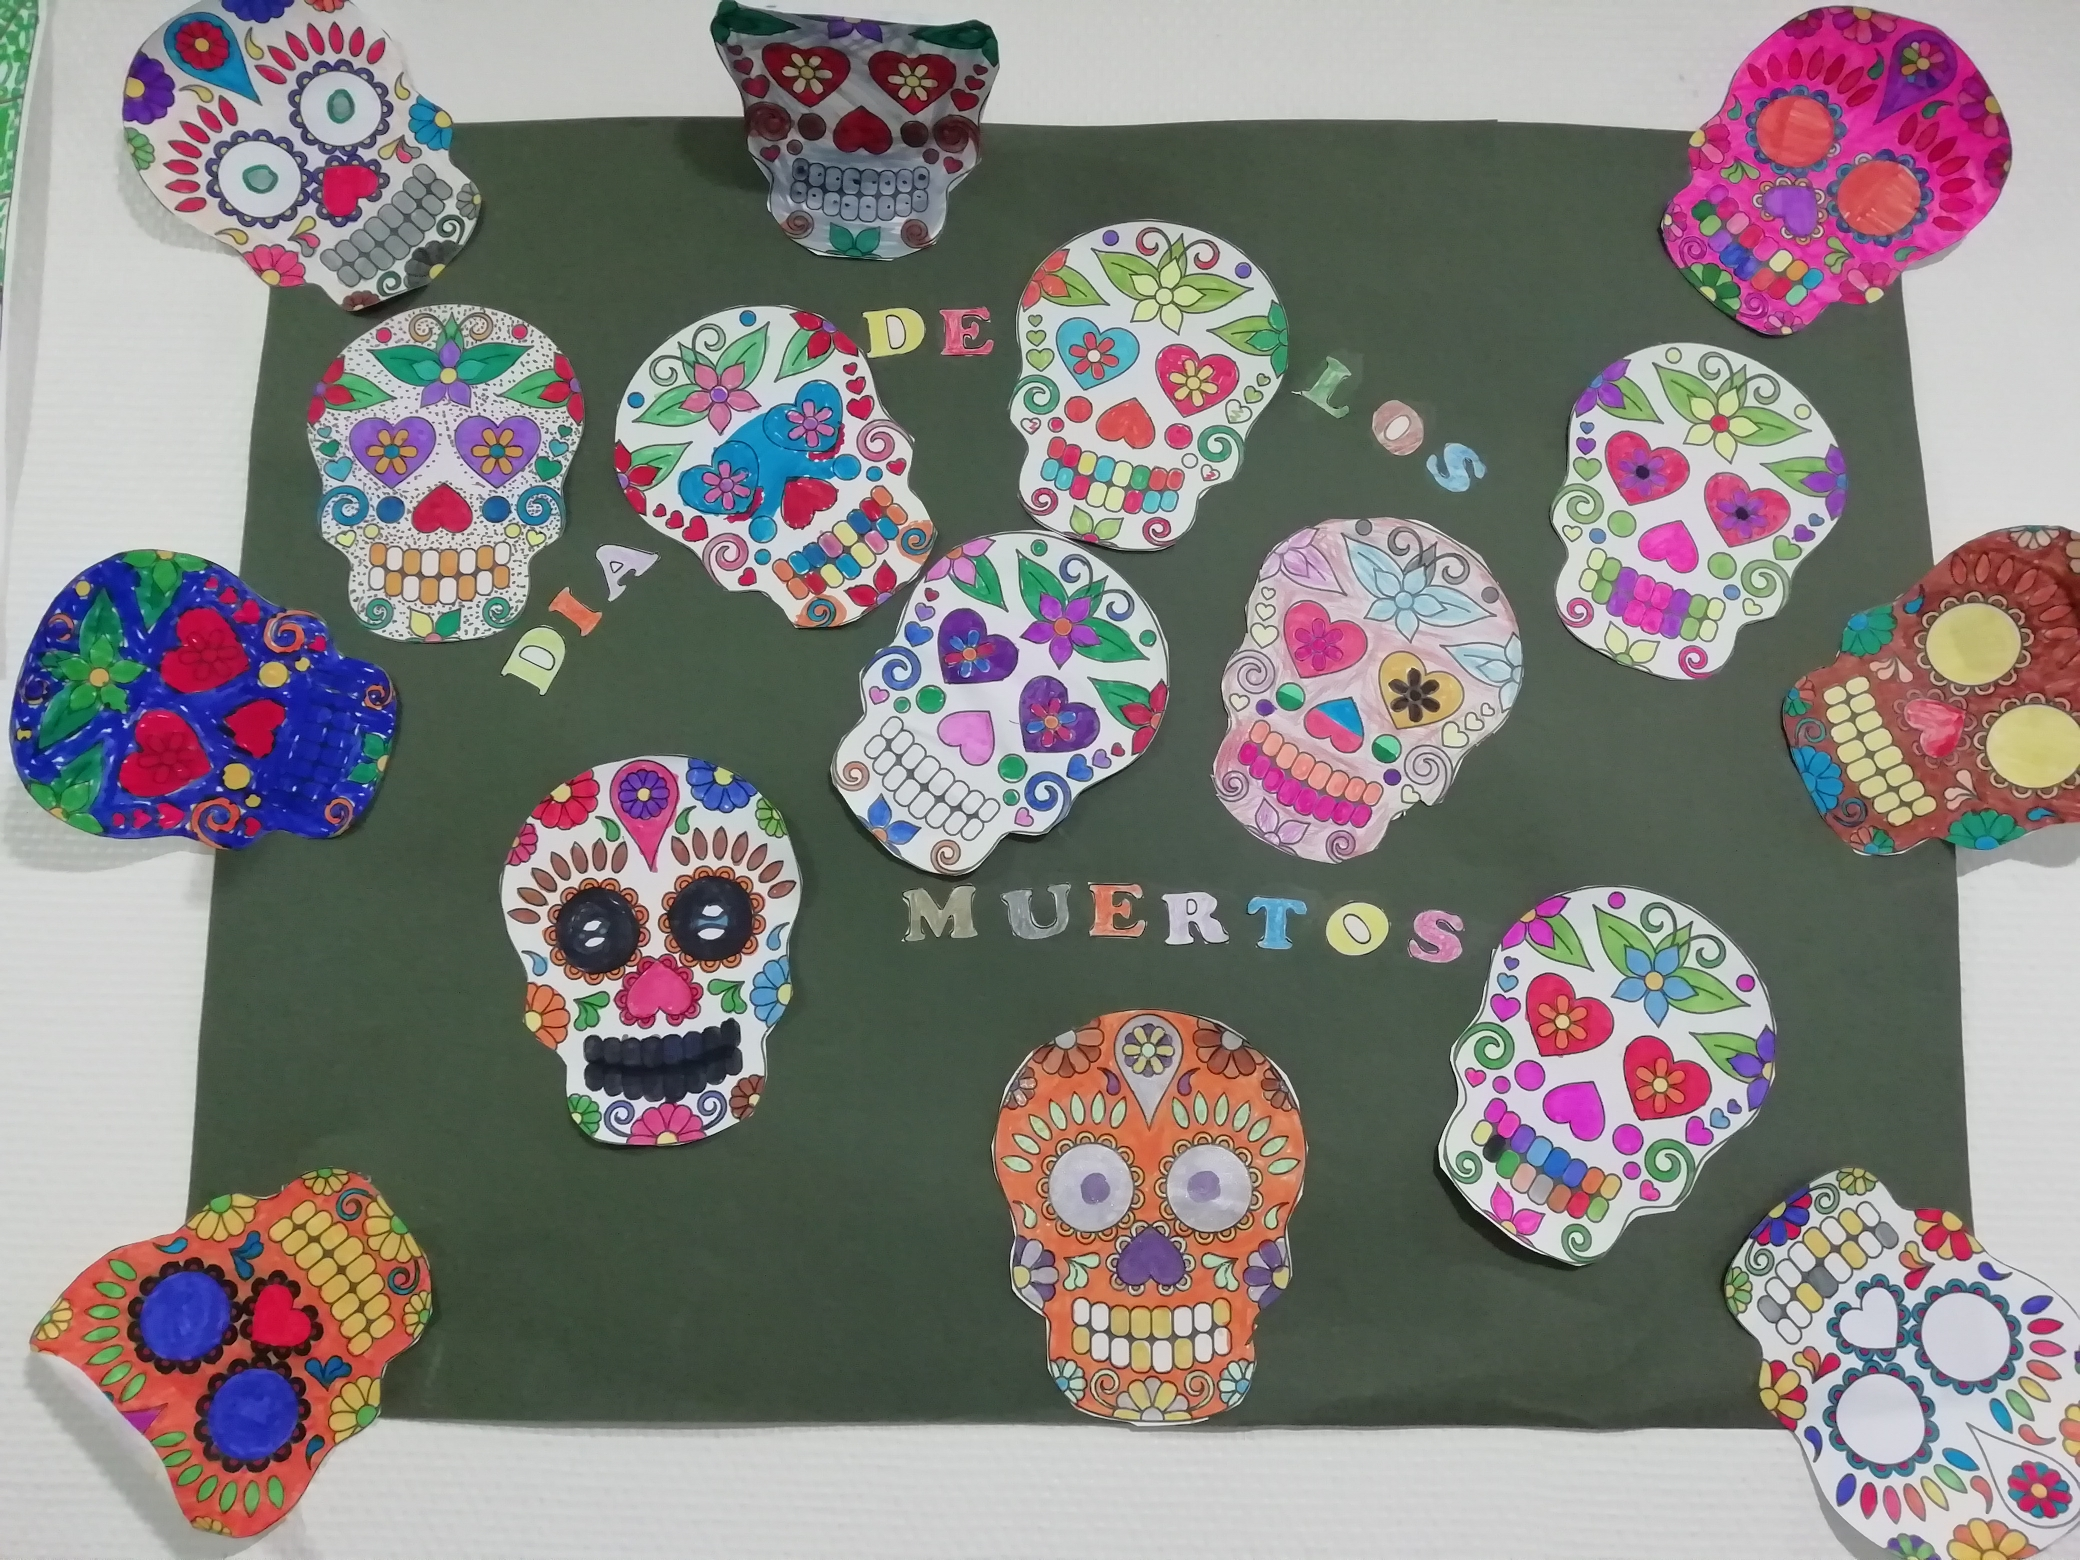 La-fete-des-morts-mexicaine